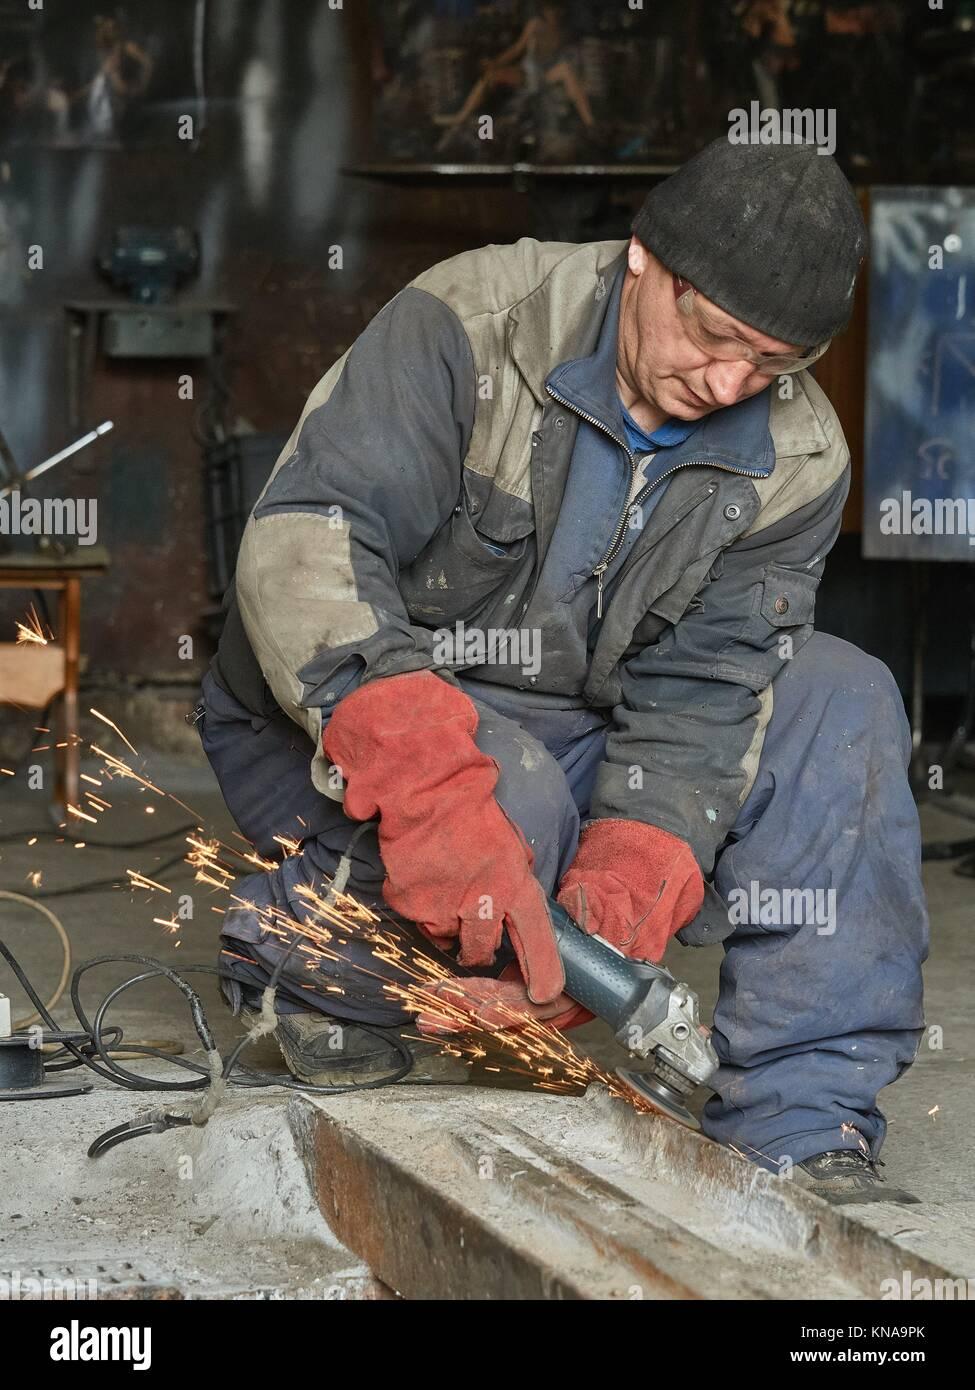 Muele trabajador ferroviario de metal para su posterior soldadura. La foto muestra las chispas de la muela. Imagen De Stock